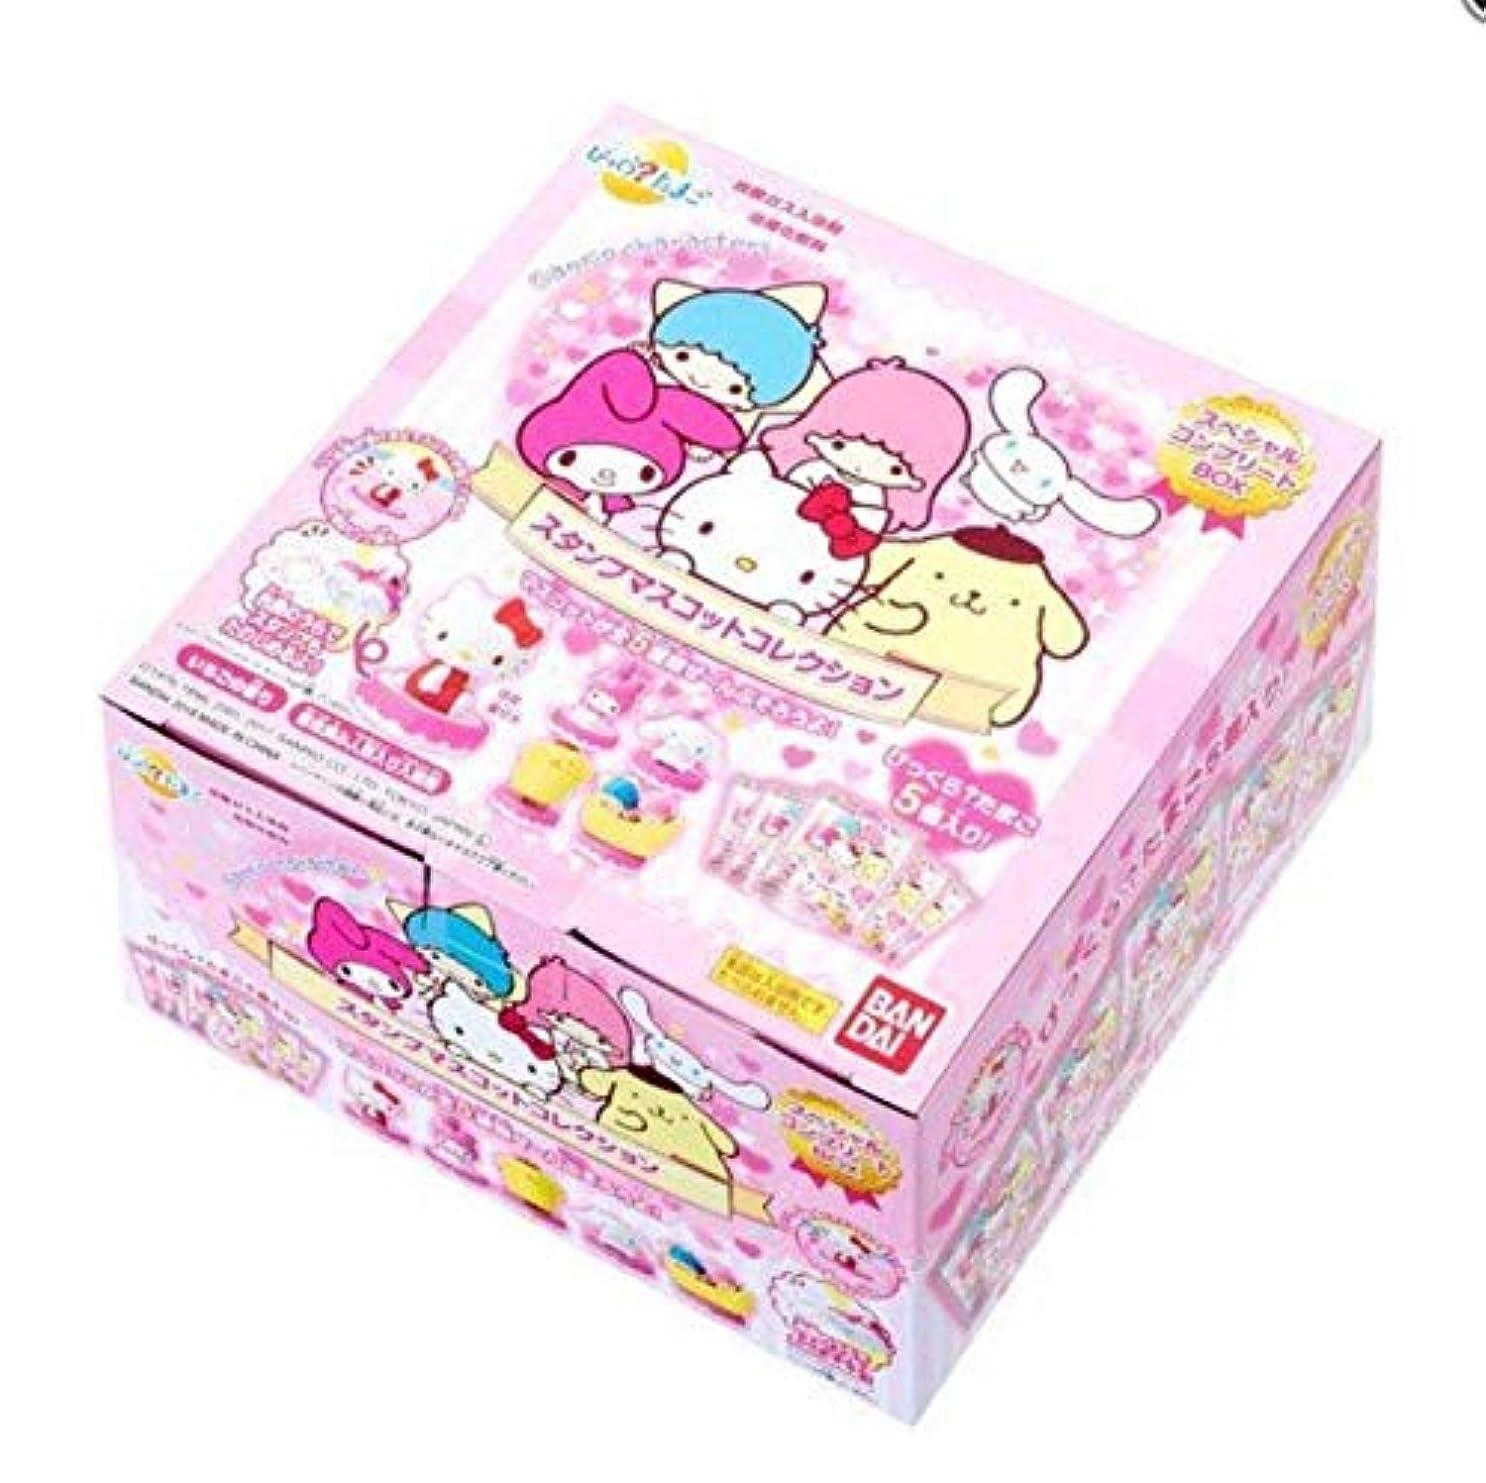 印象思い出させる販売員びっくら?たまご サンリオキャラクターズ スタンプマスコットコレクション スペシャルコンプリートBOX